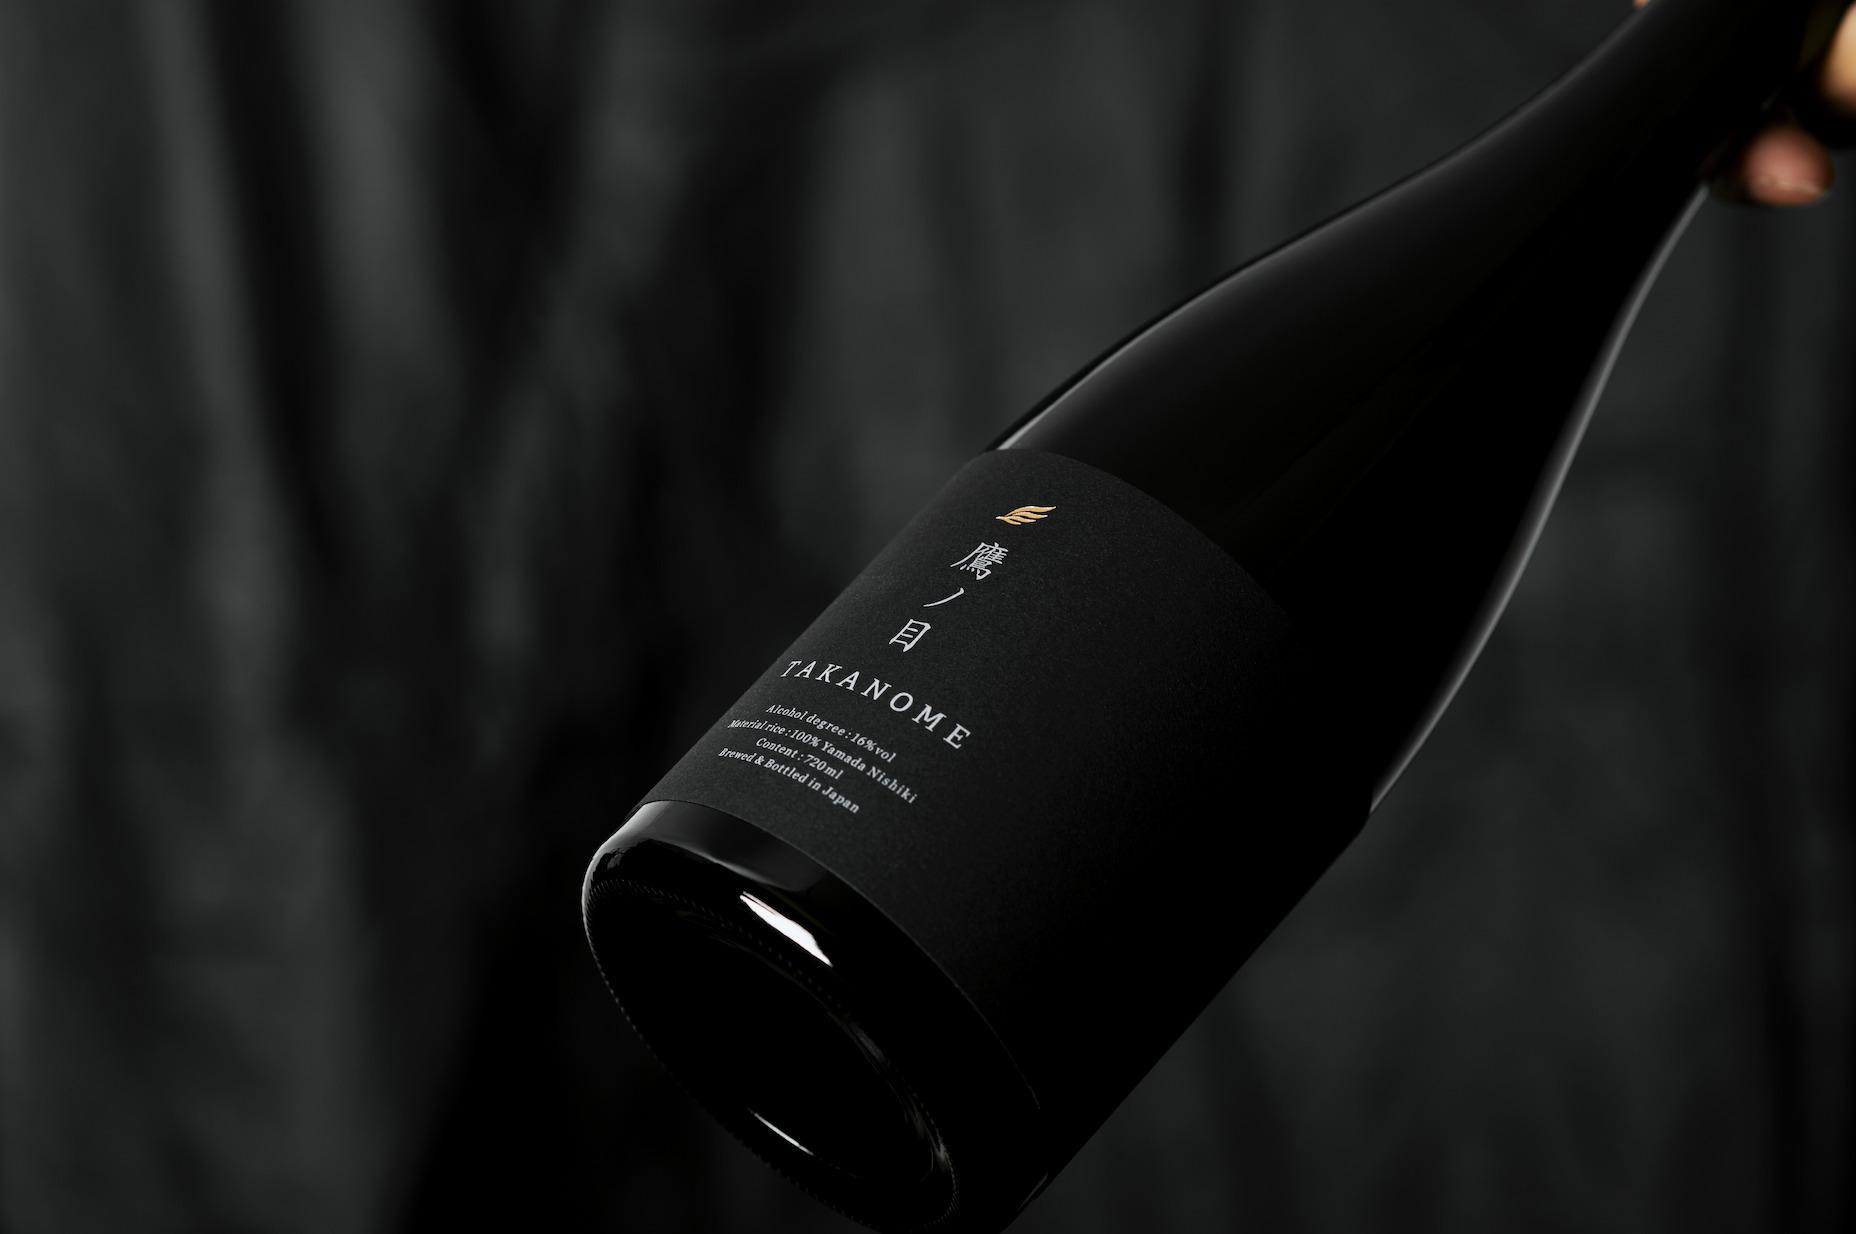 急成長中の日本酒D2Cブランド「鷹ノ目」が「TAKANOME」へリニューアル。味わいを引き上げ、パッケージ、ラベル、ロゴも刷新。五感で楽しむ日本酒へ。